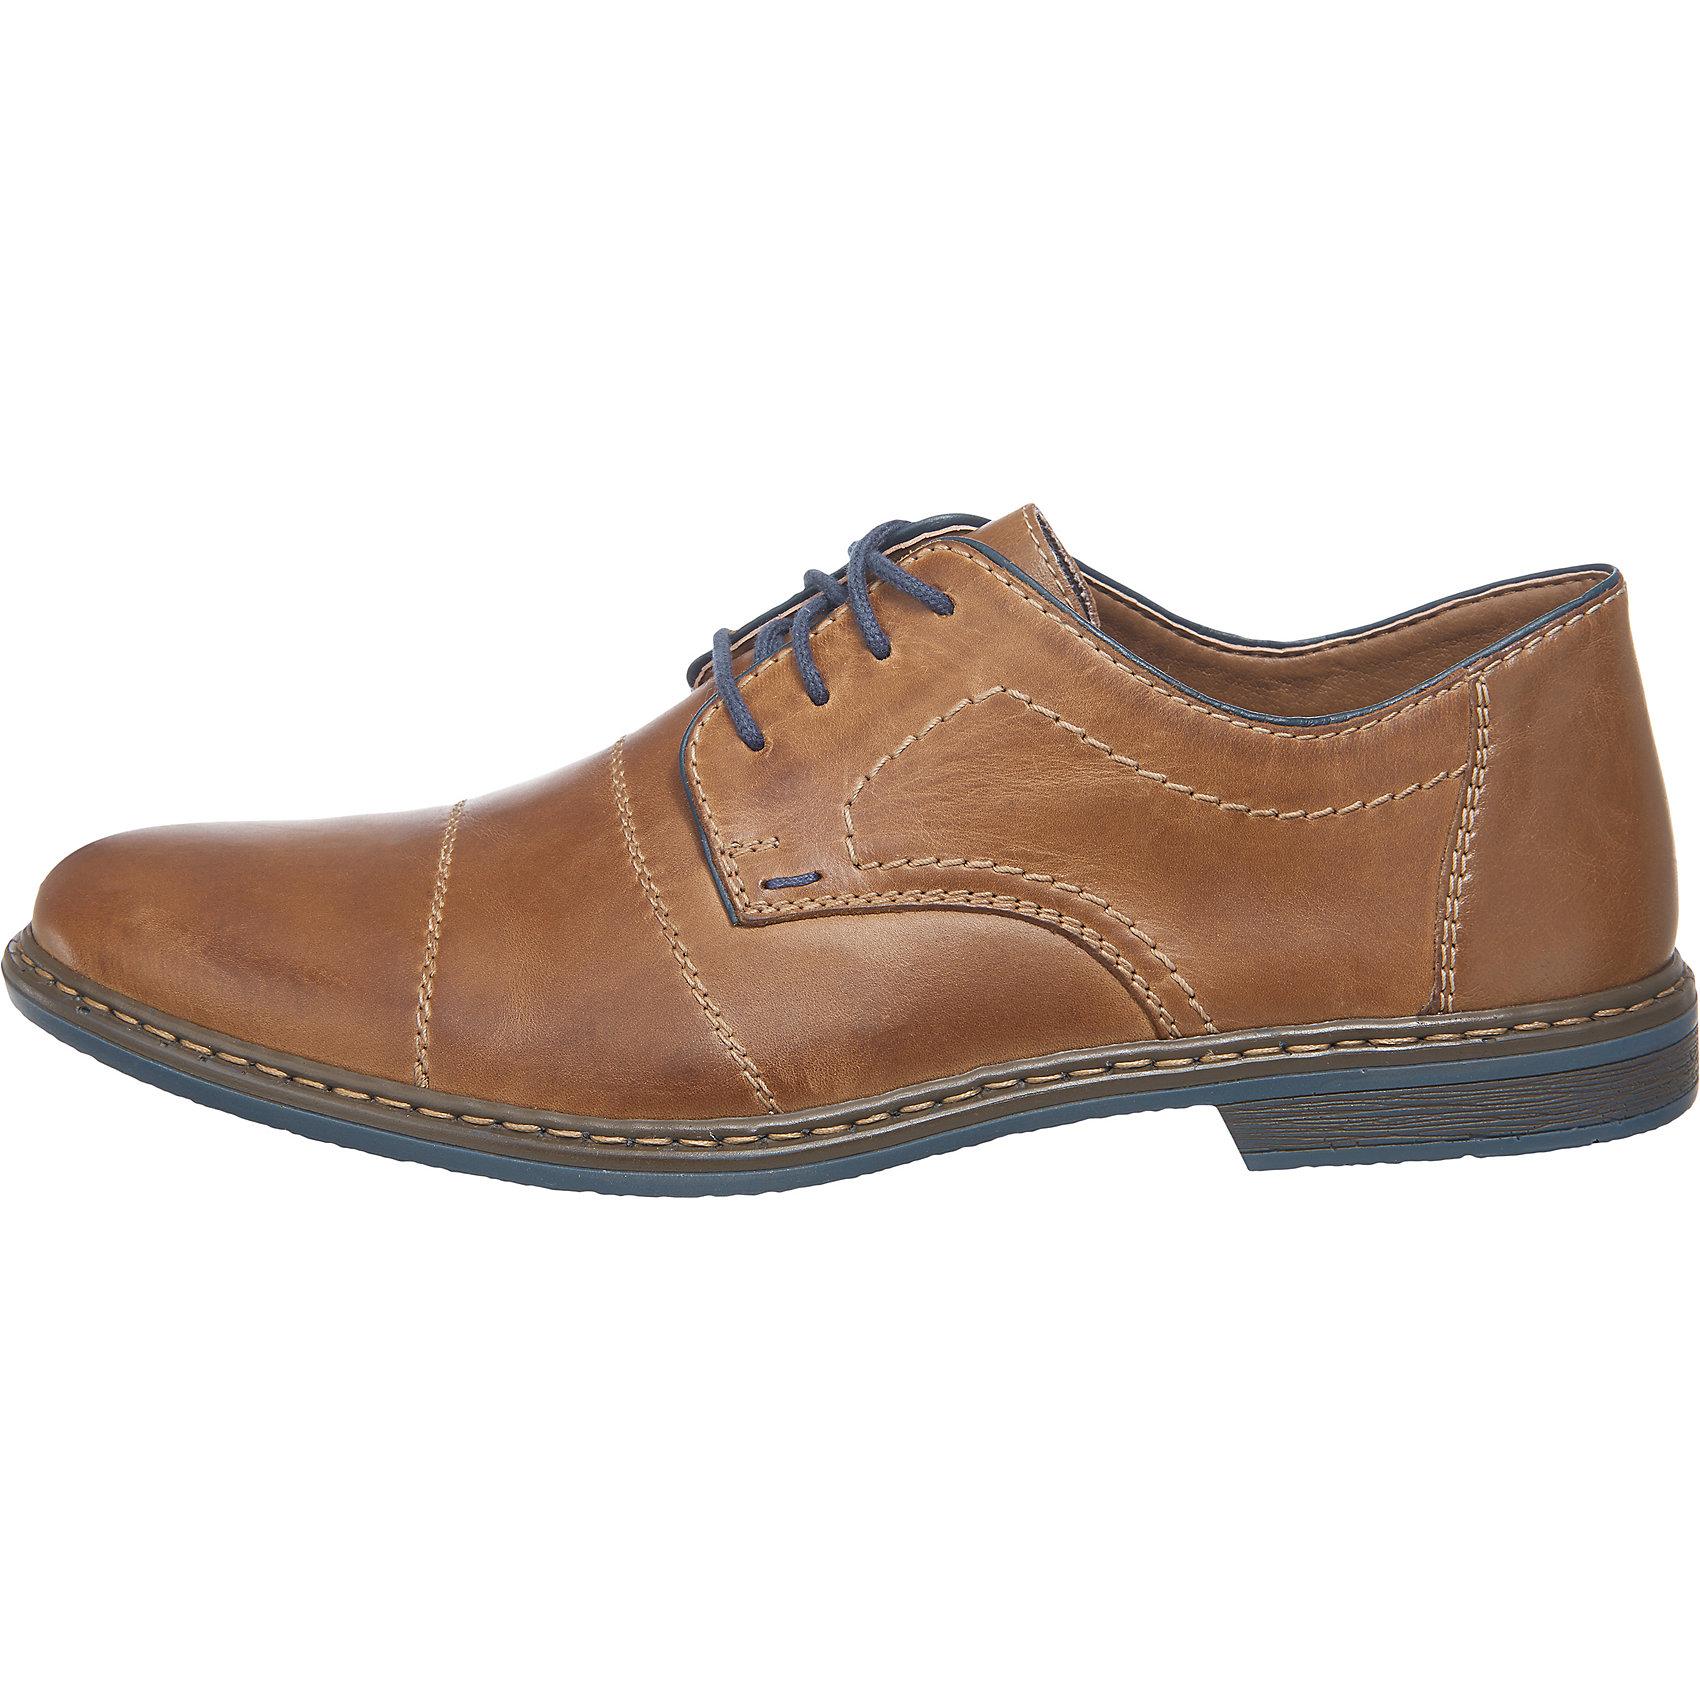 Details zu Neu rieker Business Schuhe 5744268 für Herren braun